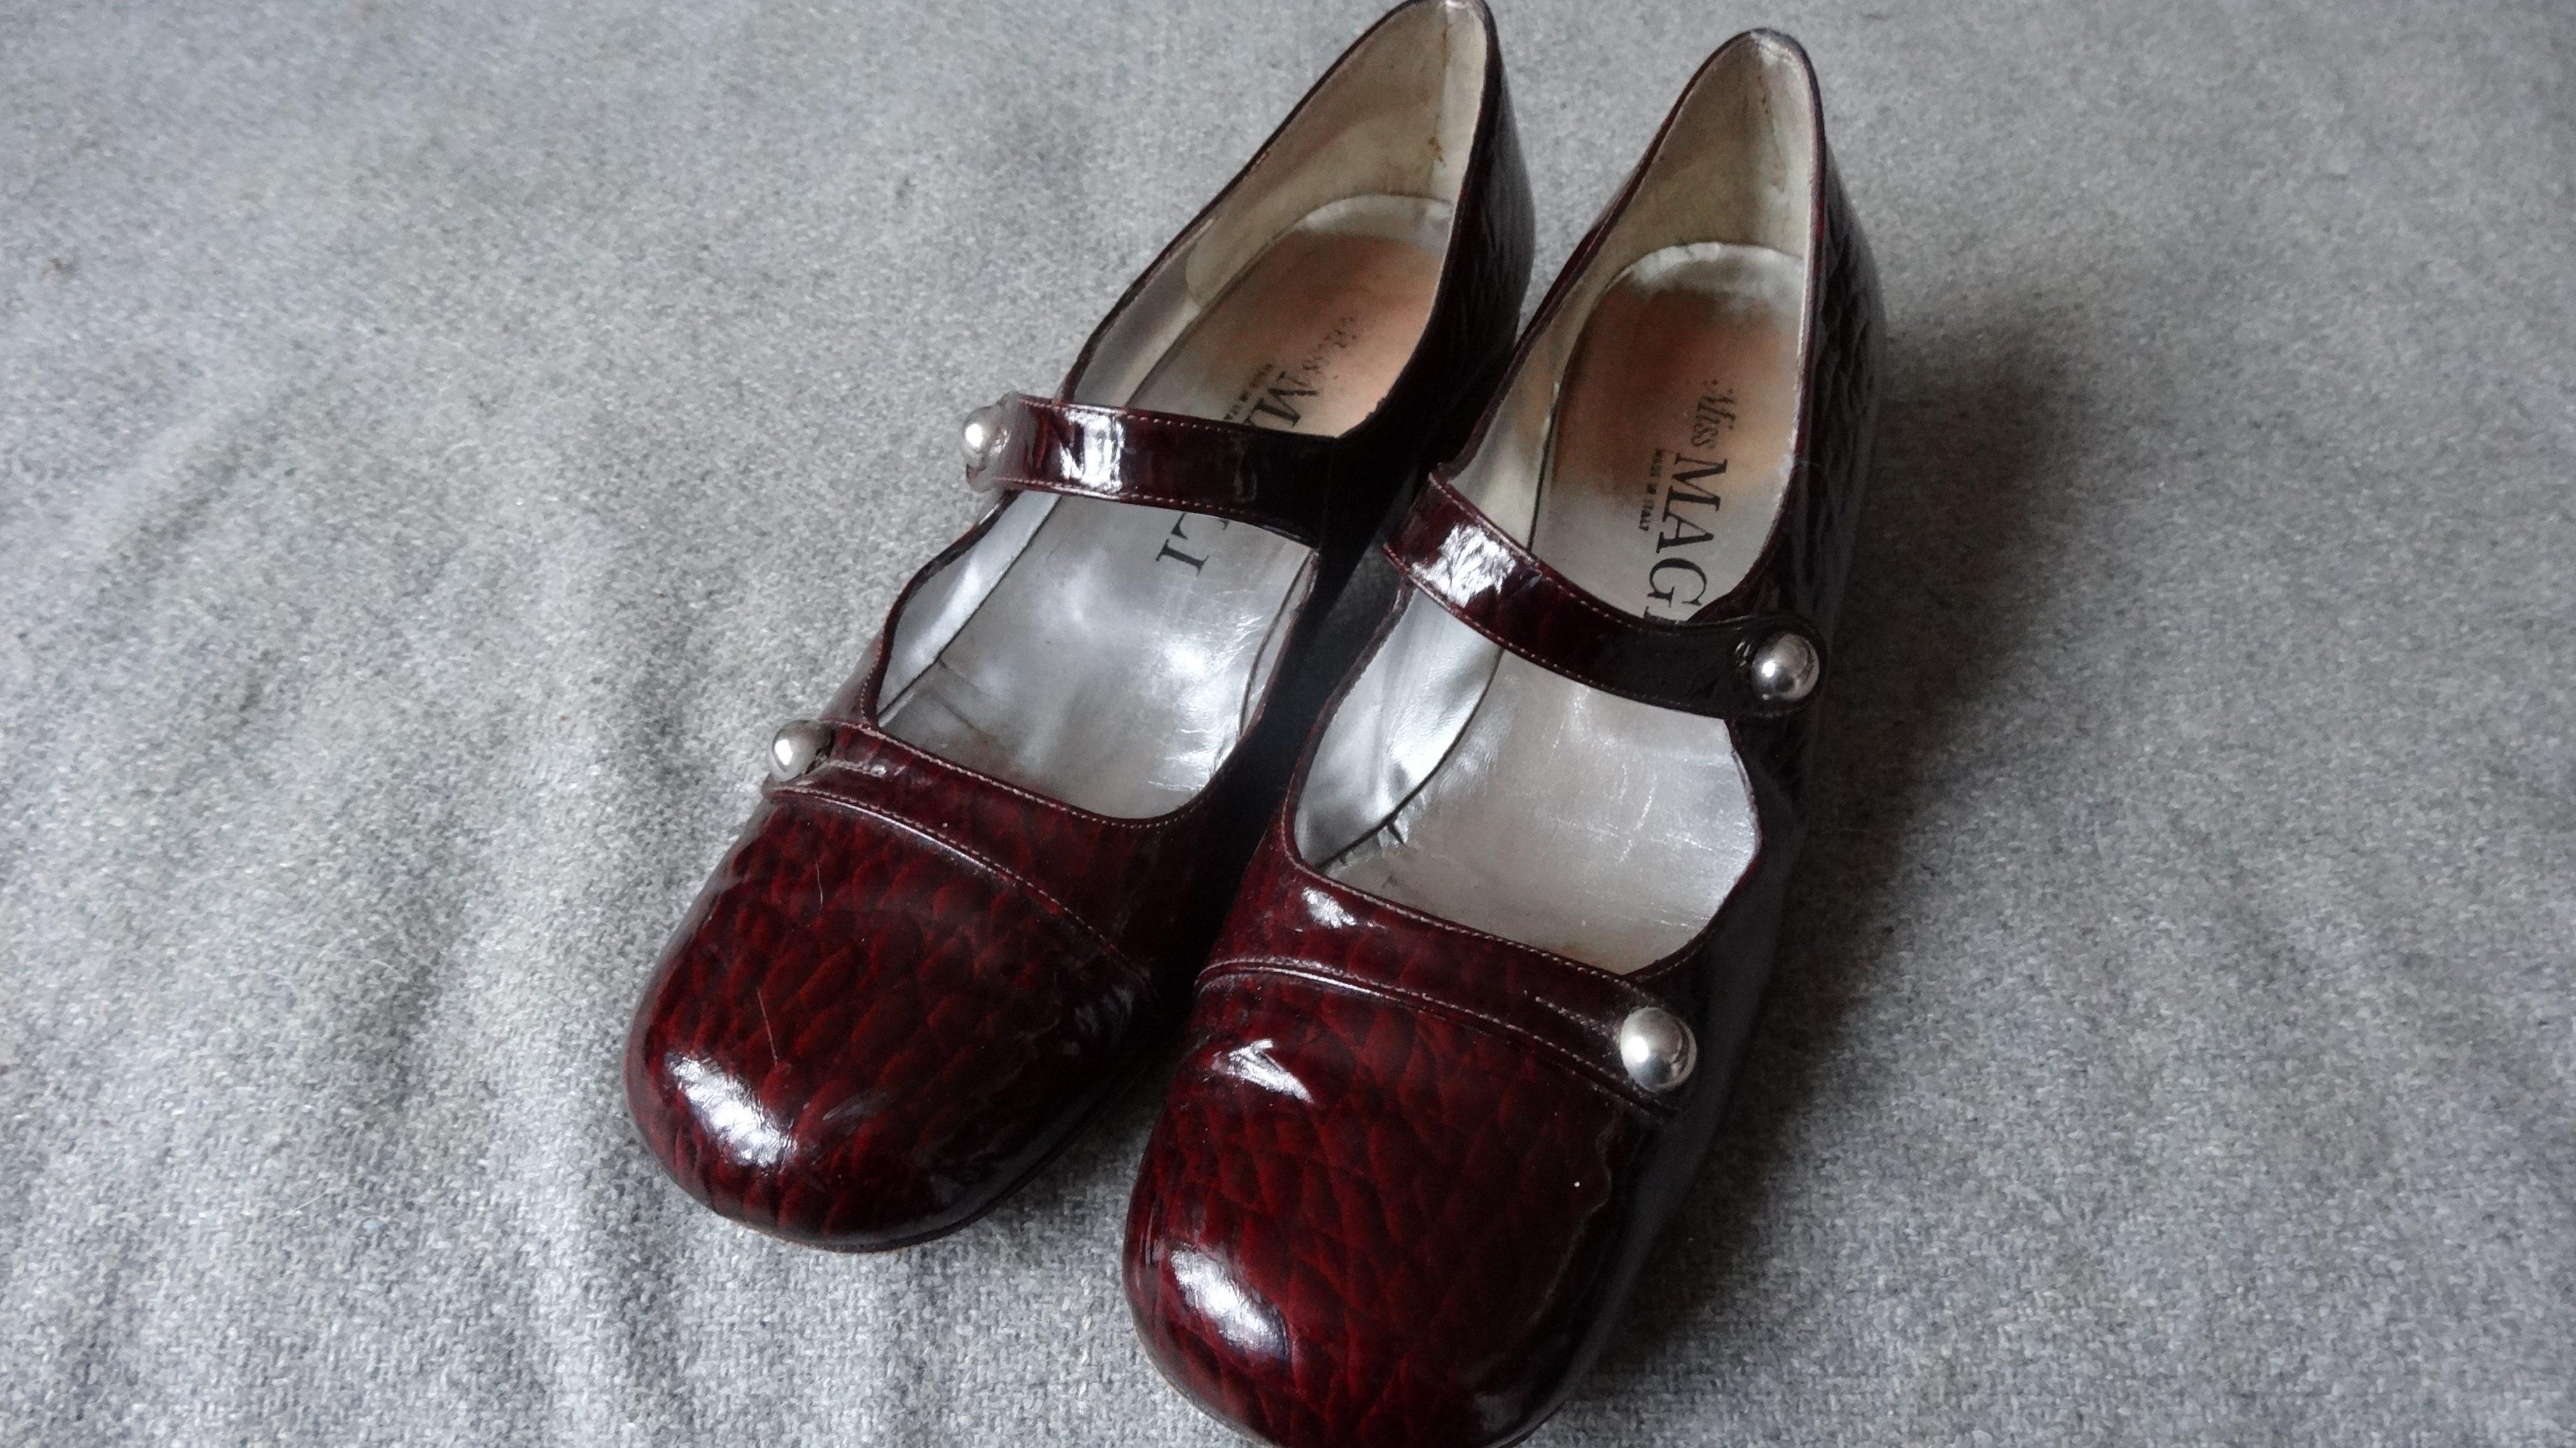 5517f2a4624d Dansk) Italiensk vintage lak sko - Care   Share Vintage